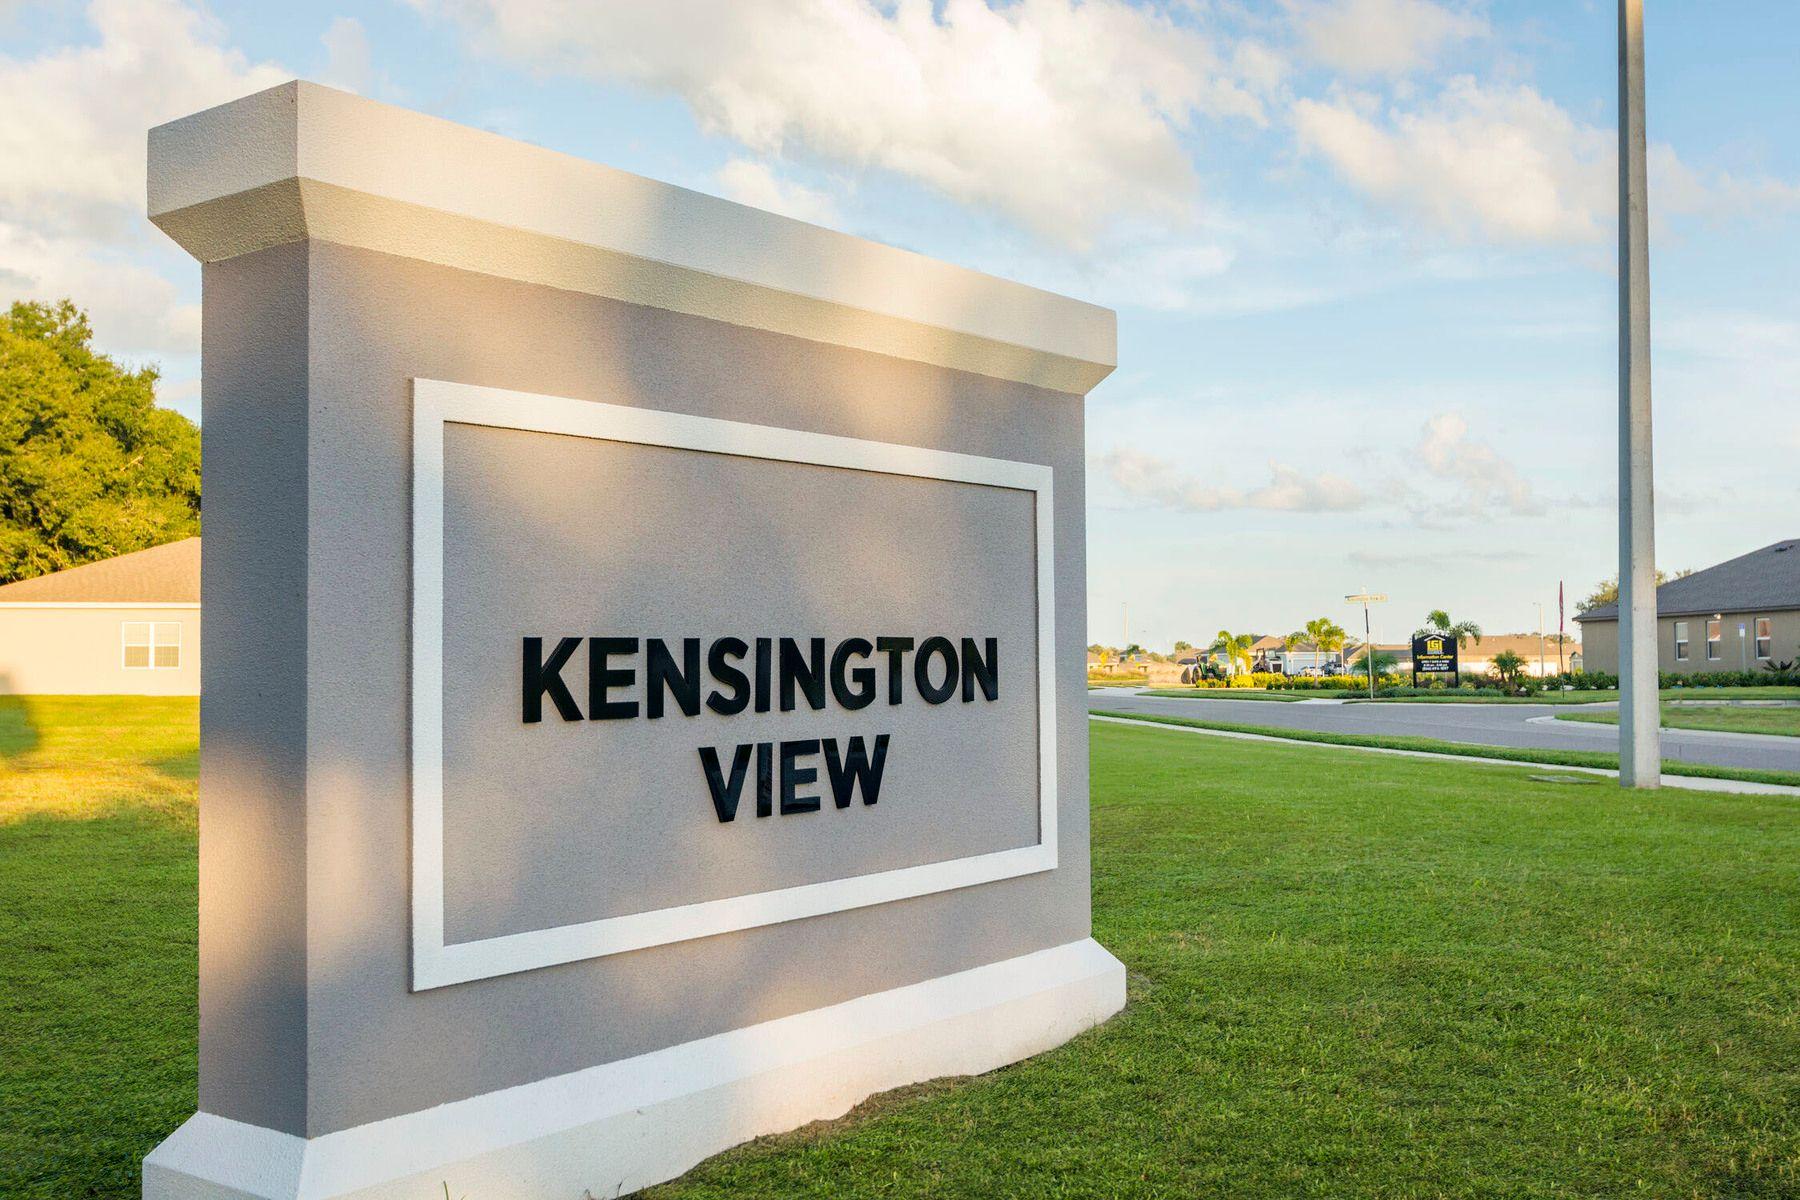 Kensington View by LGI Homes